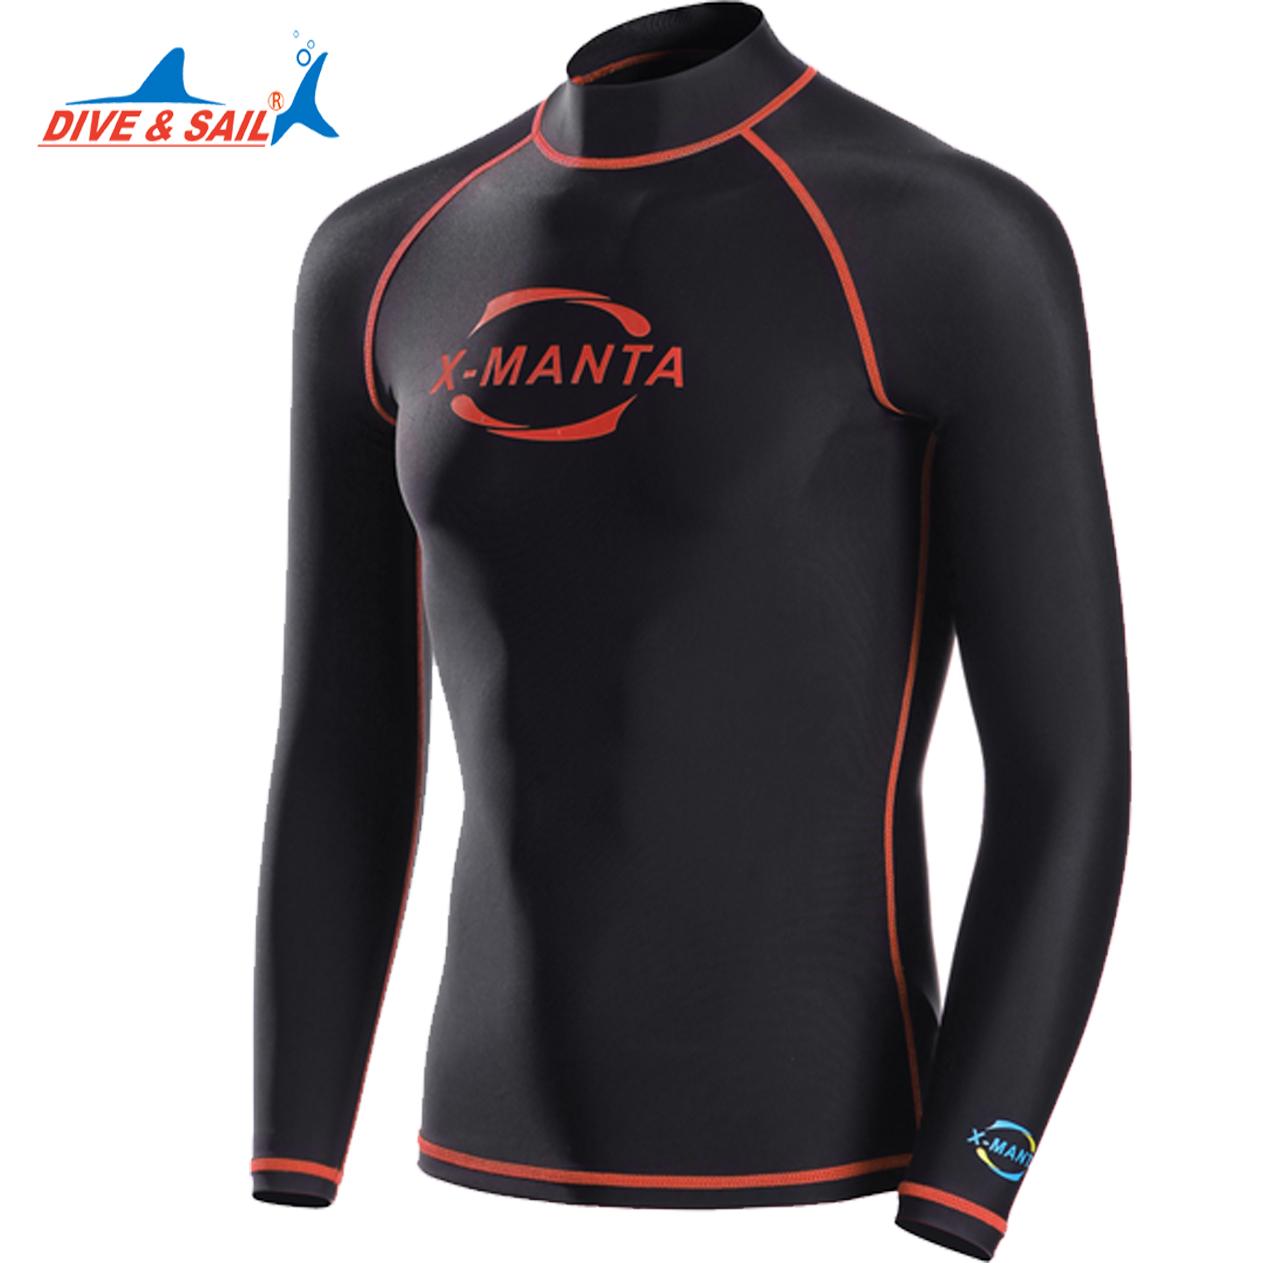 Prix pour Dive & Sail Lycra UPF 50 manches longues rash guards shirts pour hommes Plongée En Apnée Plongée Peau Anti-UV Surf plus taille xxxl